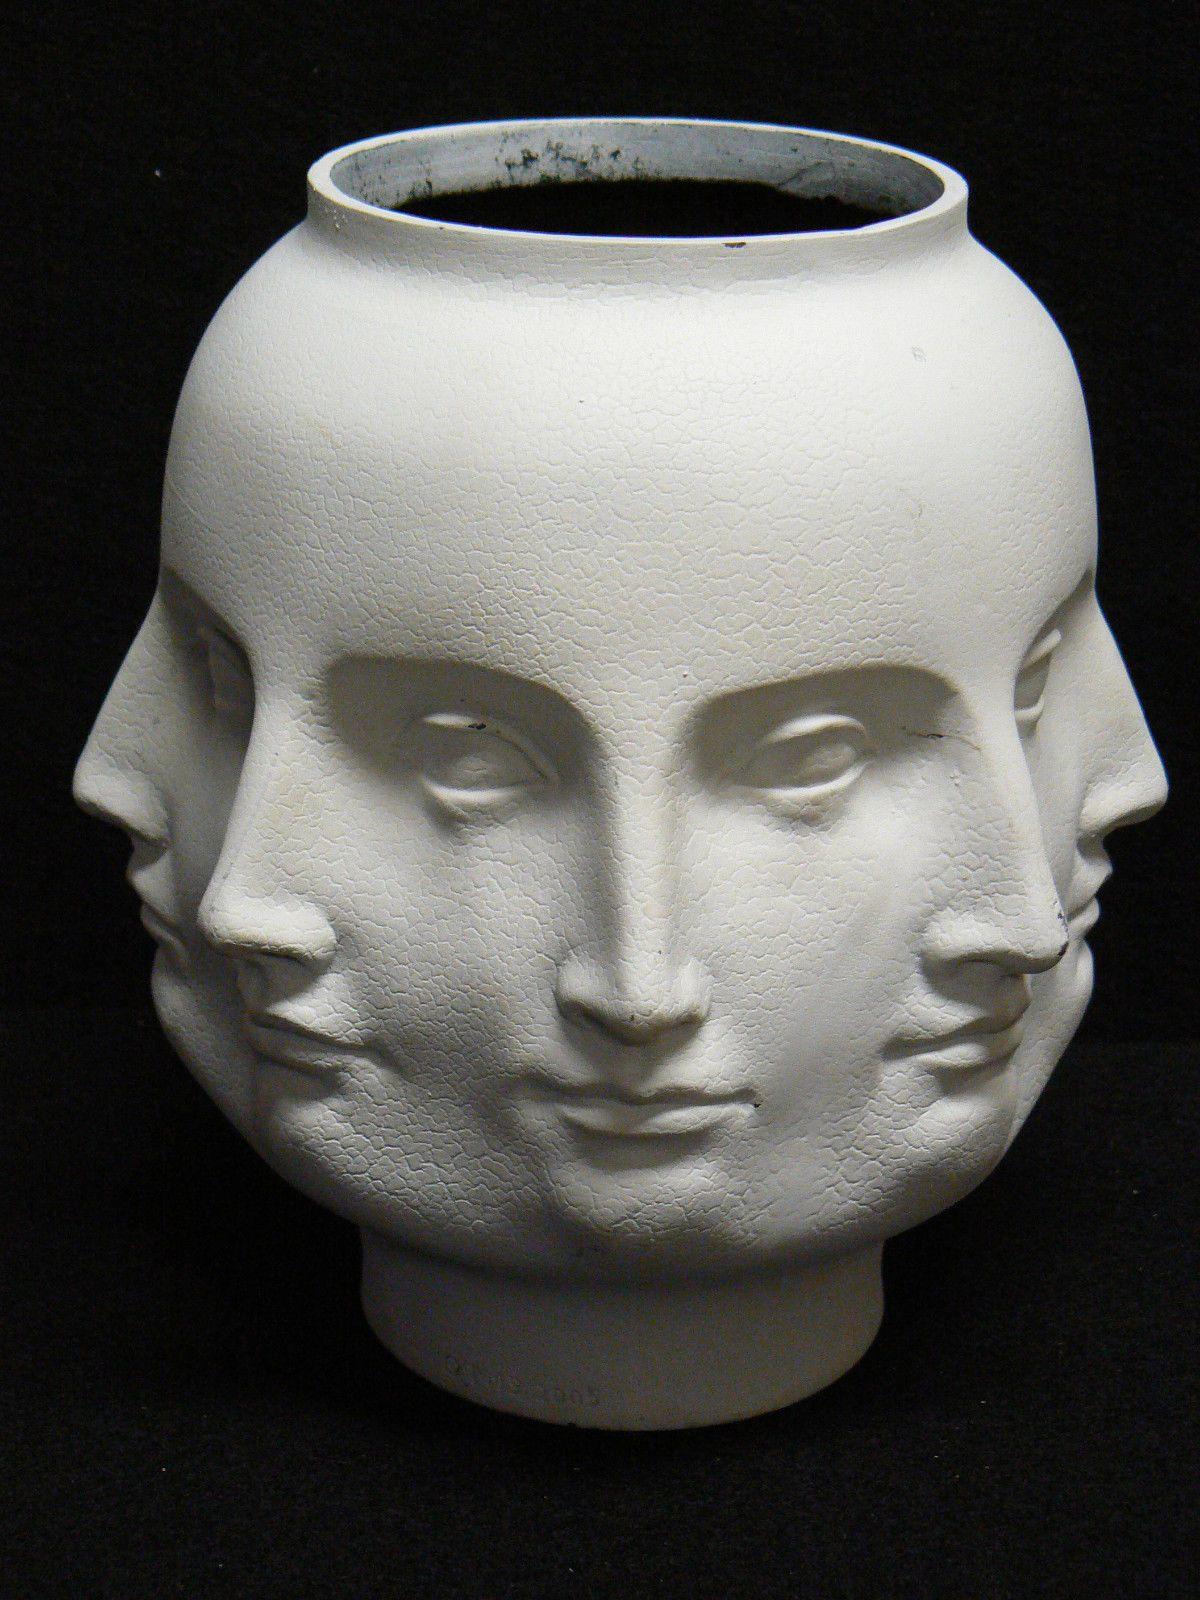 Dora Maar Modern Perpetual Face Vase Planter White Vitruvian Tms 2005 Fornasetti Ebay Face Vase Face Planters Dora Maar